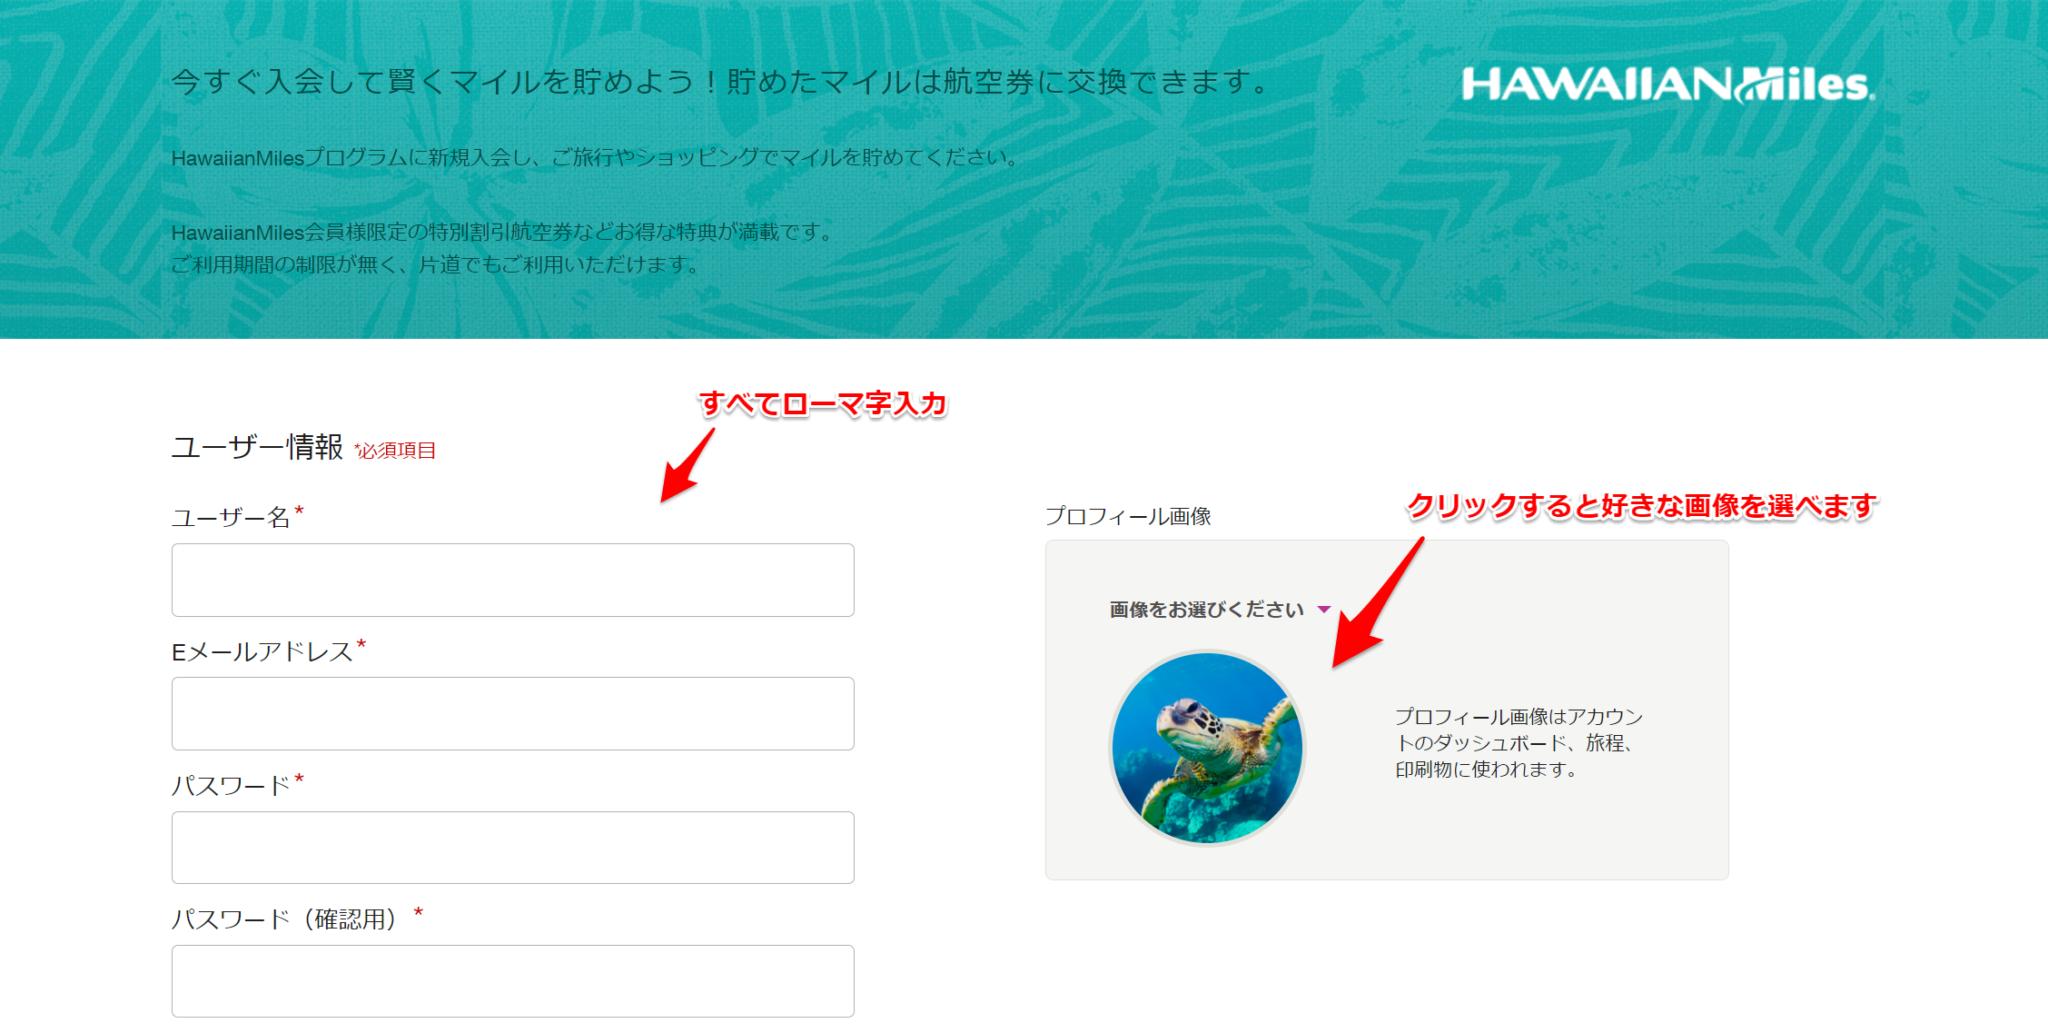 ハワイアン航空マイレージプログラム入会方法02